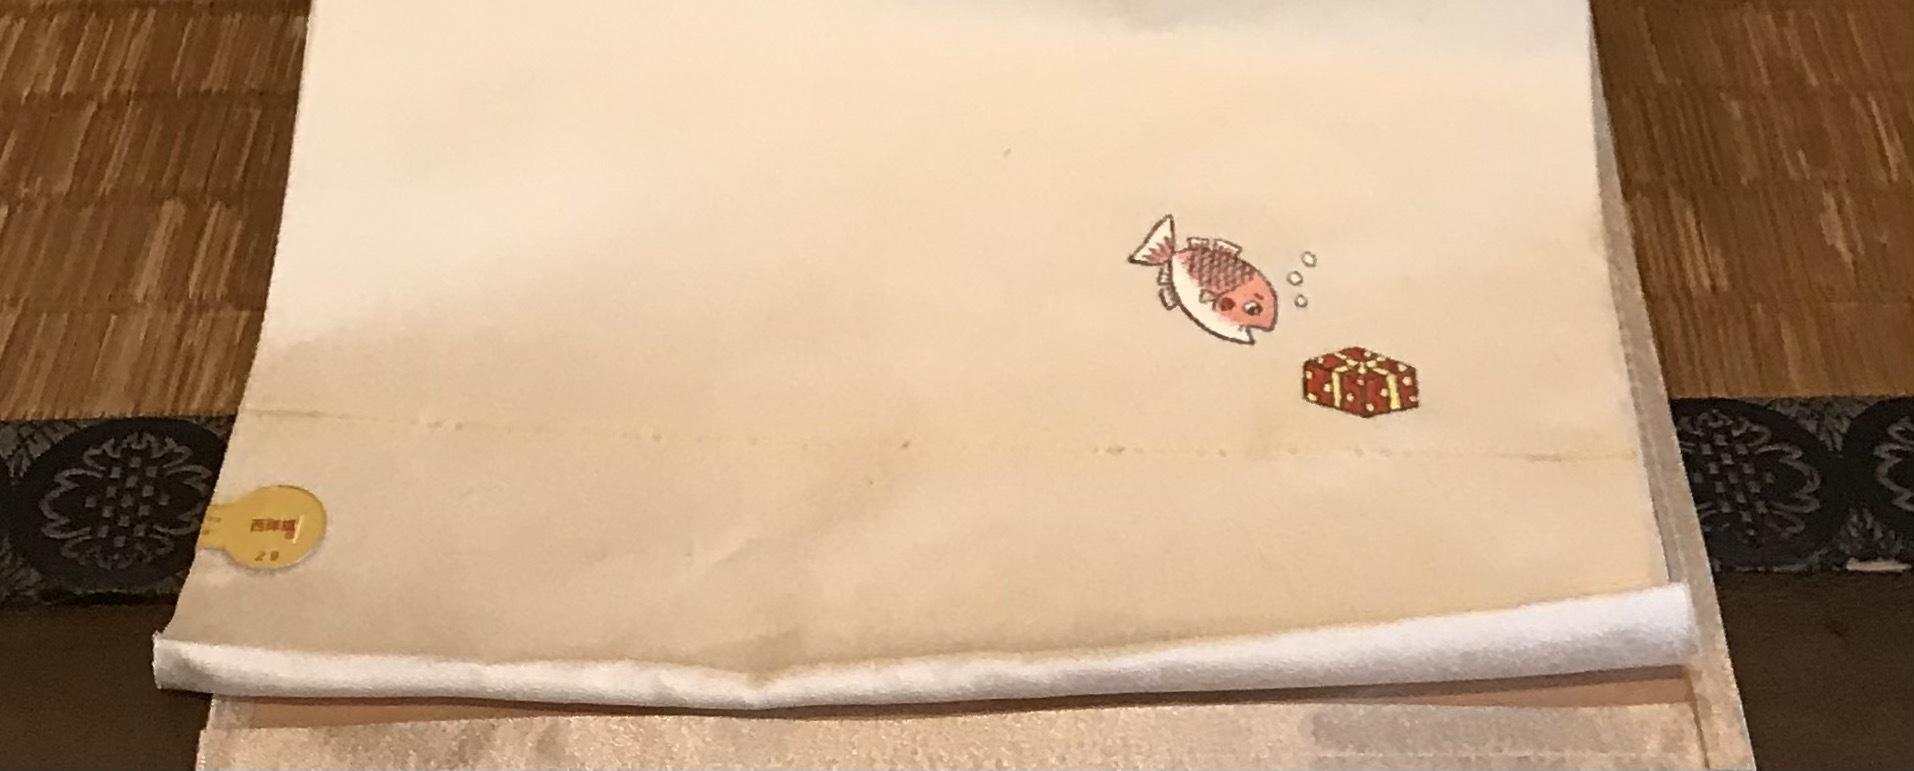 三井寺で開催中の谷口智則展・100にんのサンタクロース_f0181251_18460120.jpg